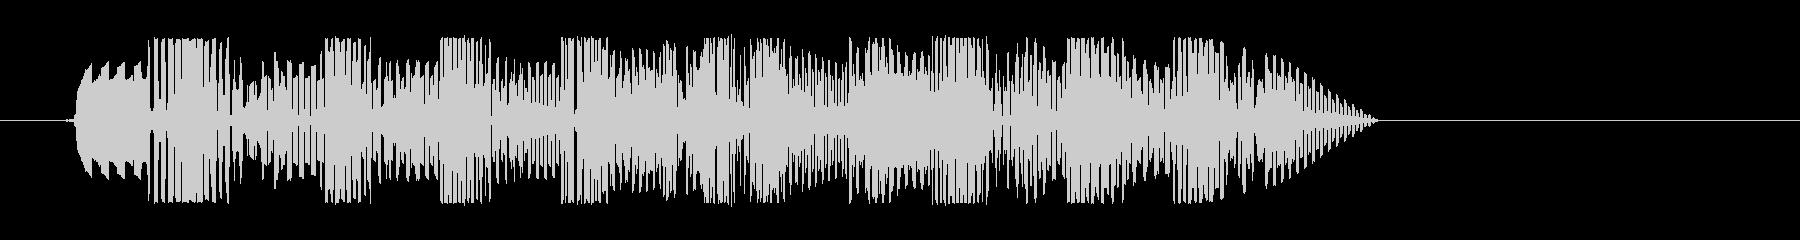 プゥワァォ(スピードを感じる効果音)の未再生の波形